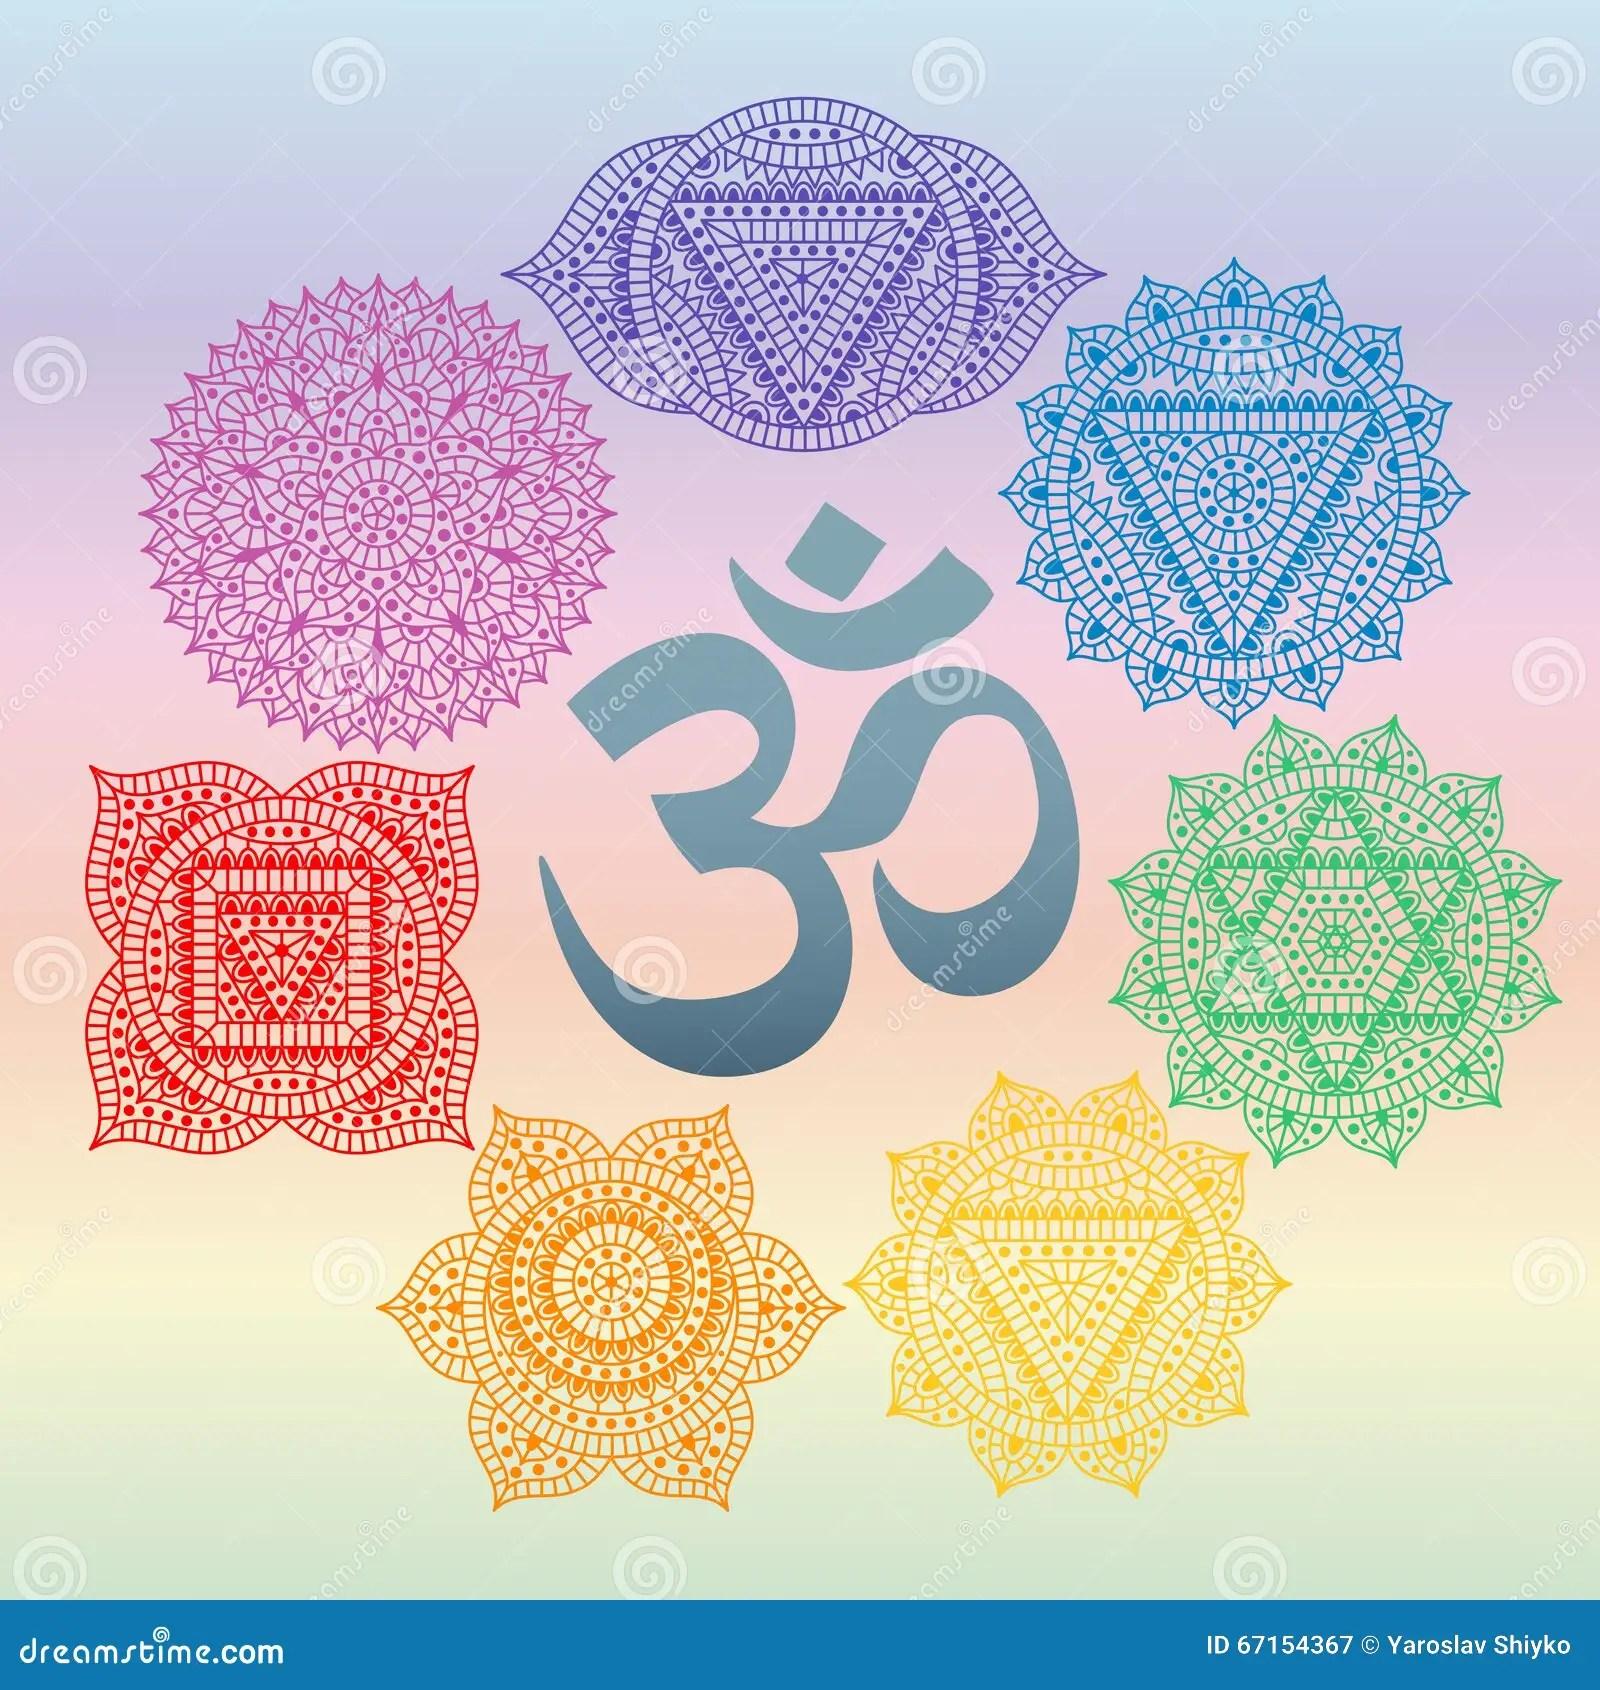 Buddha symbols meanings zen buddha symbols meanings buycottarizona